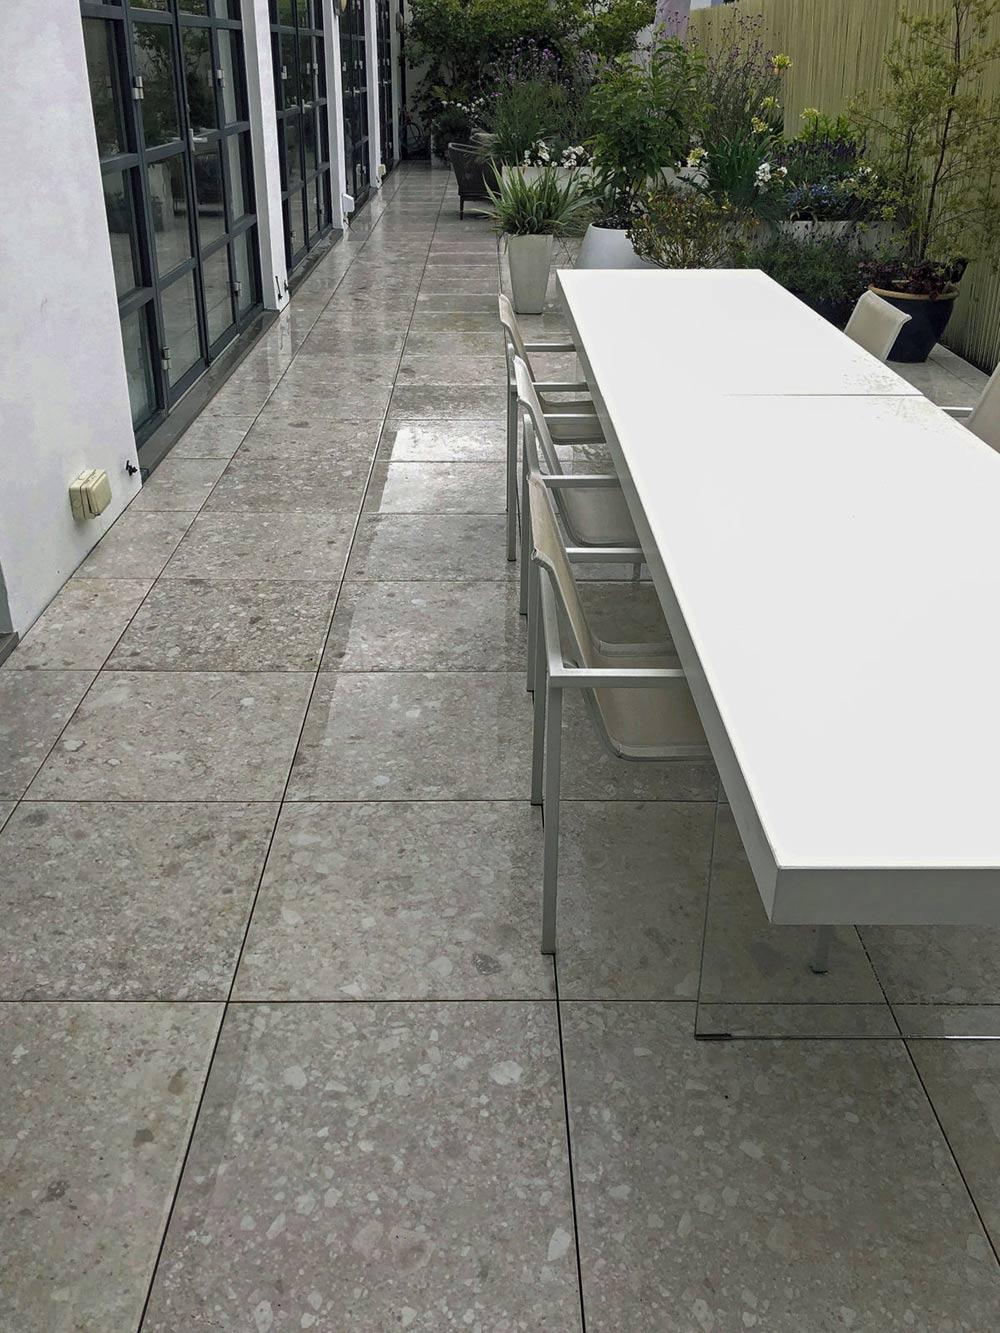 roof-terrace-porcelain-tiles-dph-pedestals